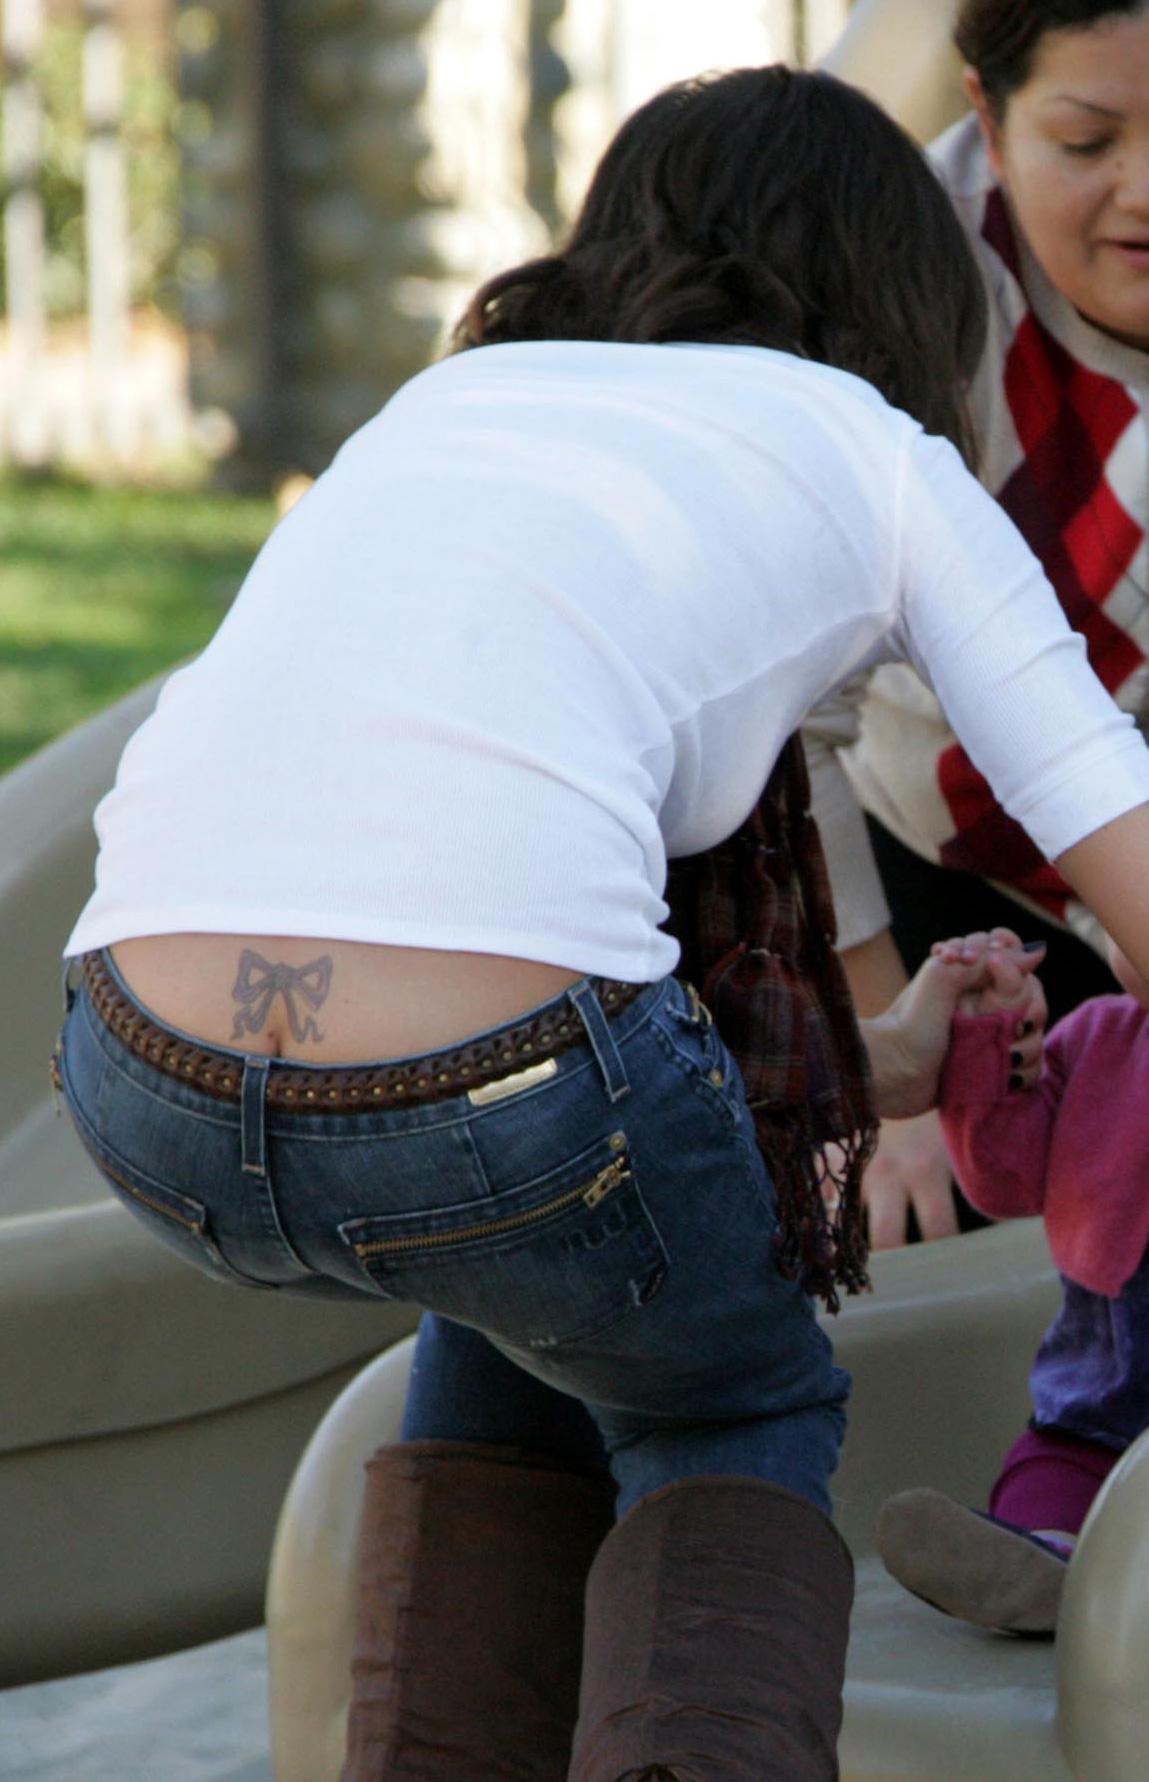 tatouage d'aile d'ange dans le dos femme avec un homme - Lina Kaclin